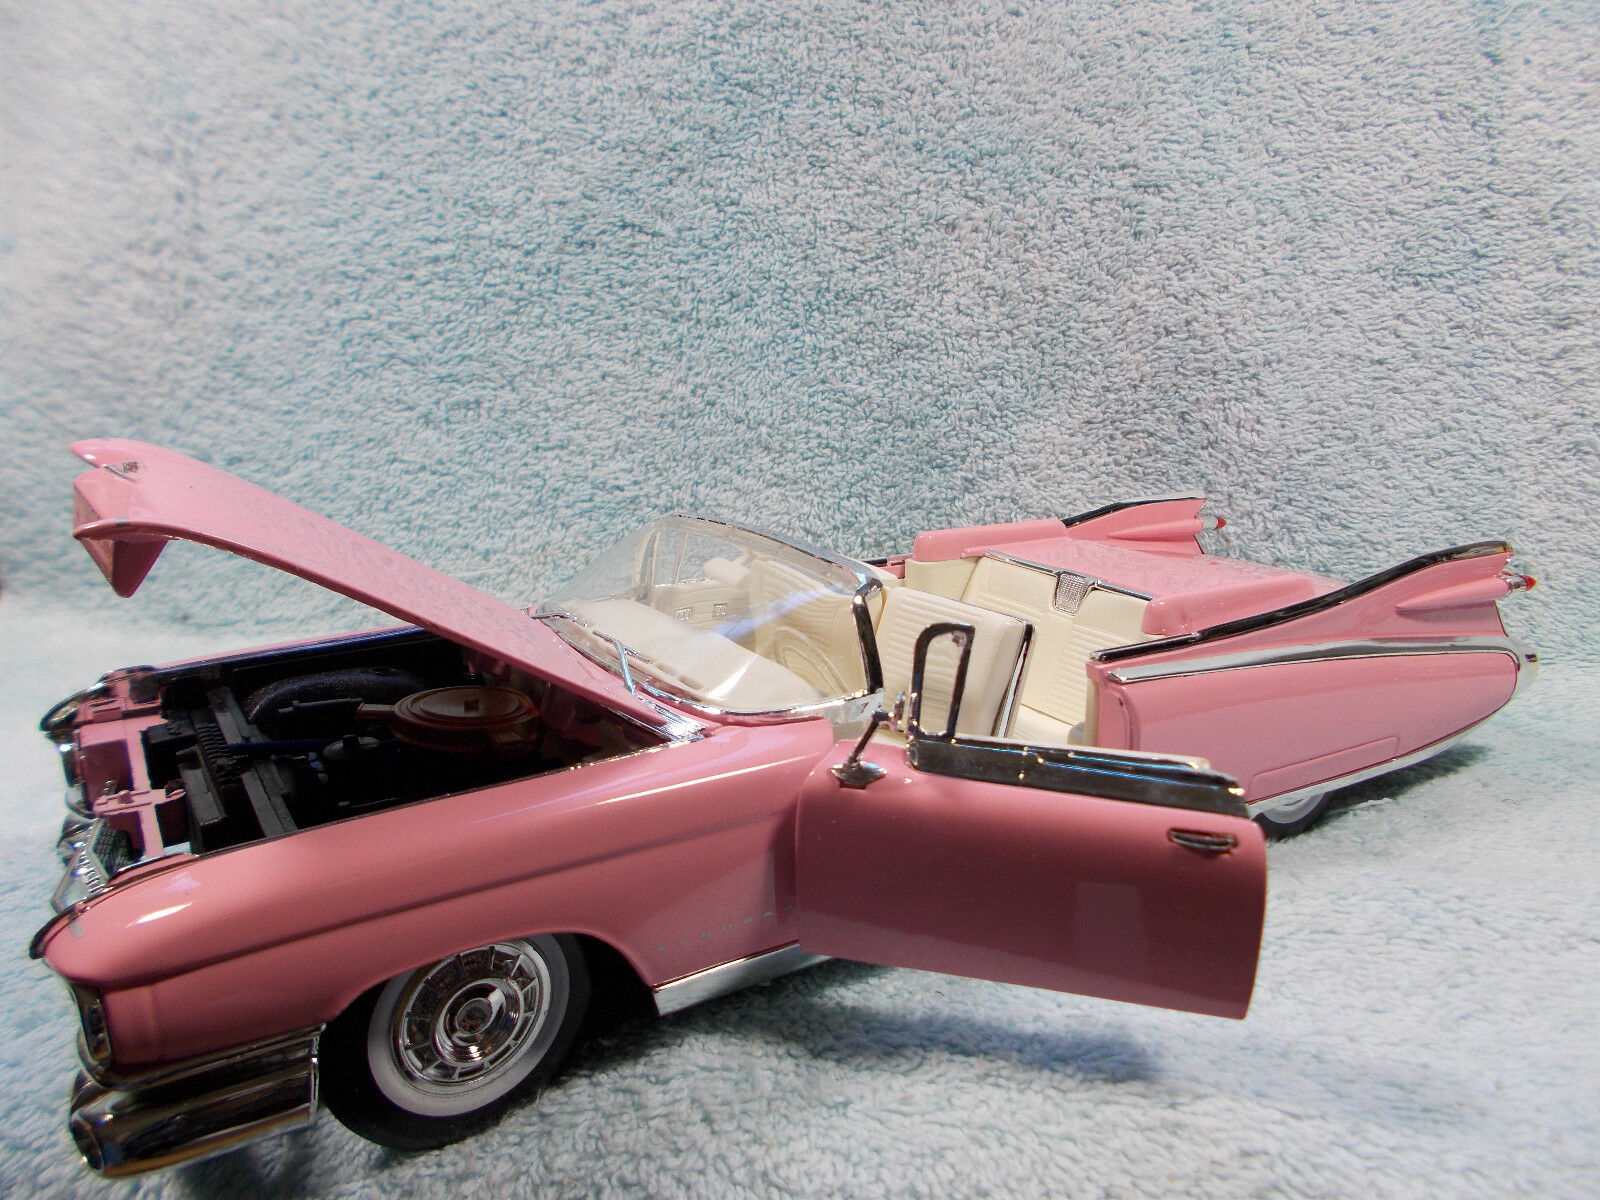 1 18 escala Diecast 1959 Cadillac Eldorado Cabrio baritz en en en Color rosadodo por Maisto. a29326